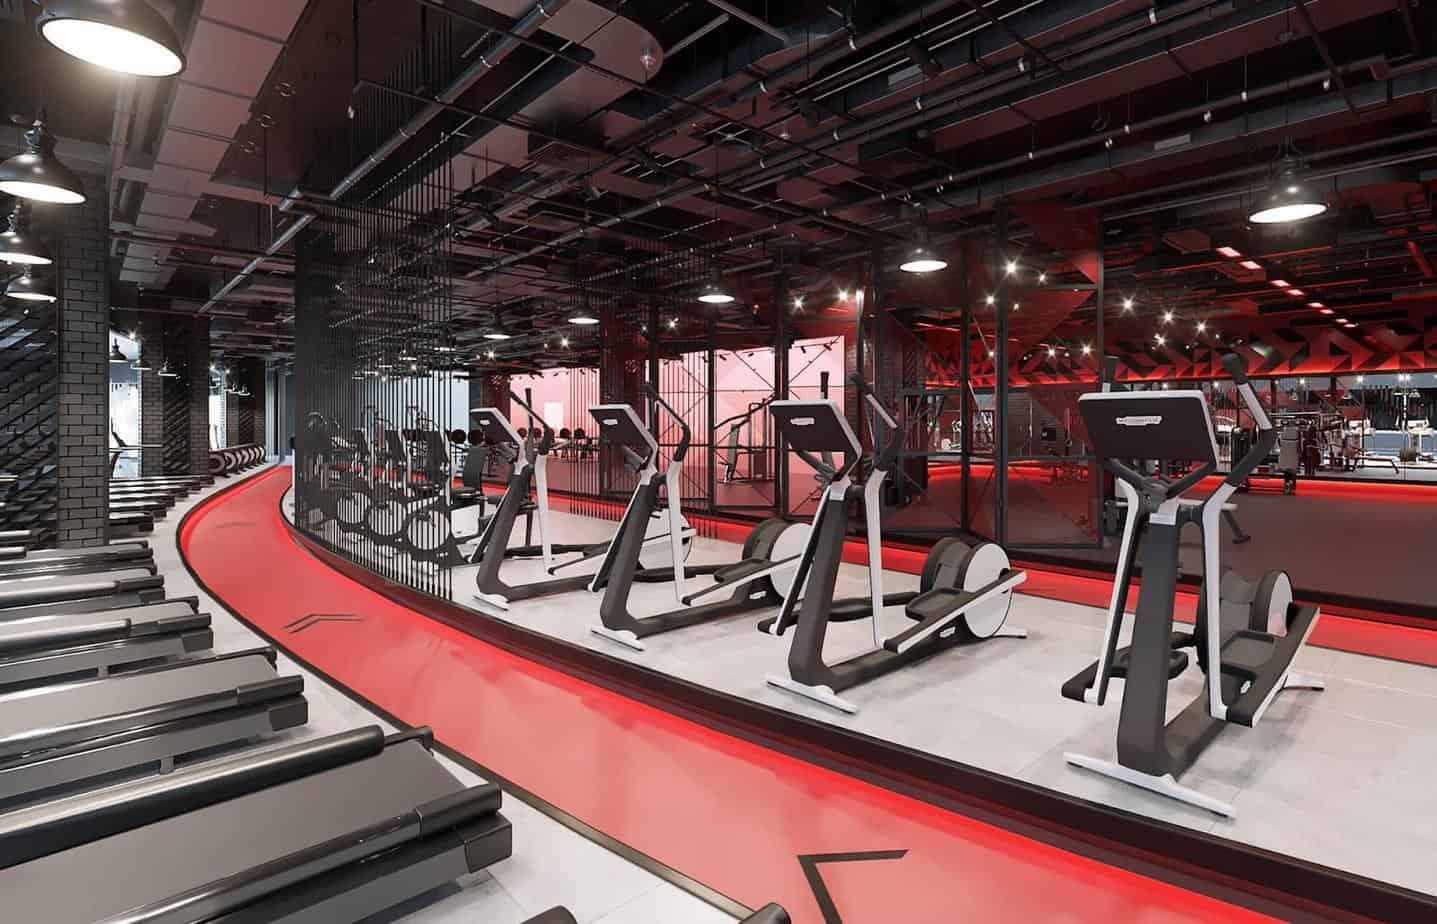 Top 20 Mẫu Thiết Kế Nội Thất Phòng Tập Thể Dục, Gym Đẹp Ấn Tượng -  - Mẫu thiết kế nội thất đẹp | thiết kế phòng tập gym | thiết kế phòng tập thể dục 58